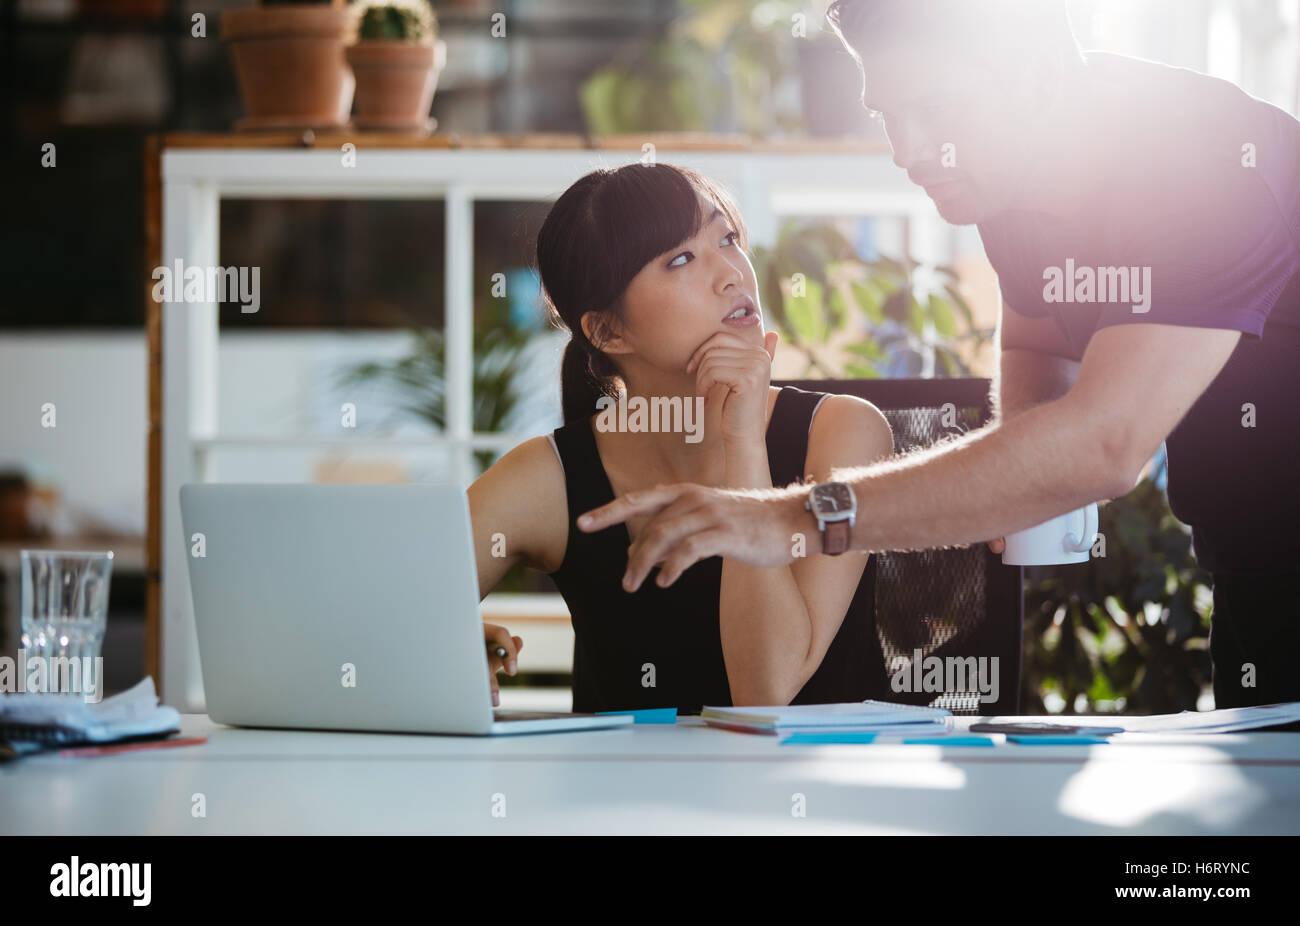 Coup de jeune femme assise à son bureau avec man pointing at laptop. Deux jeunes cadres travaillant ensemble Photo Stock